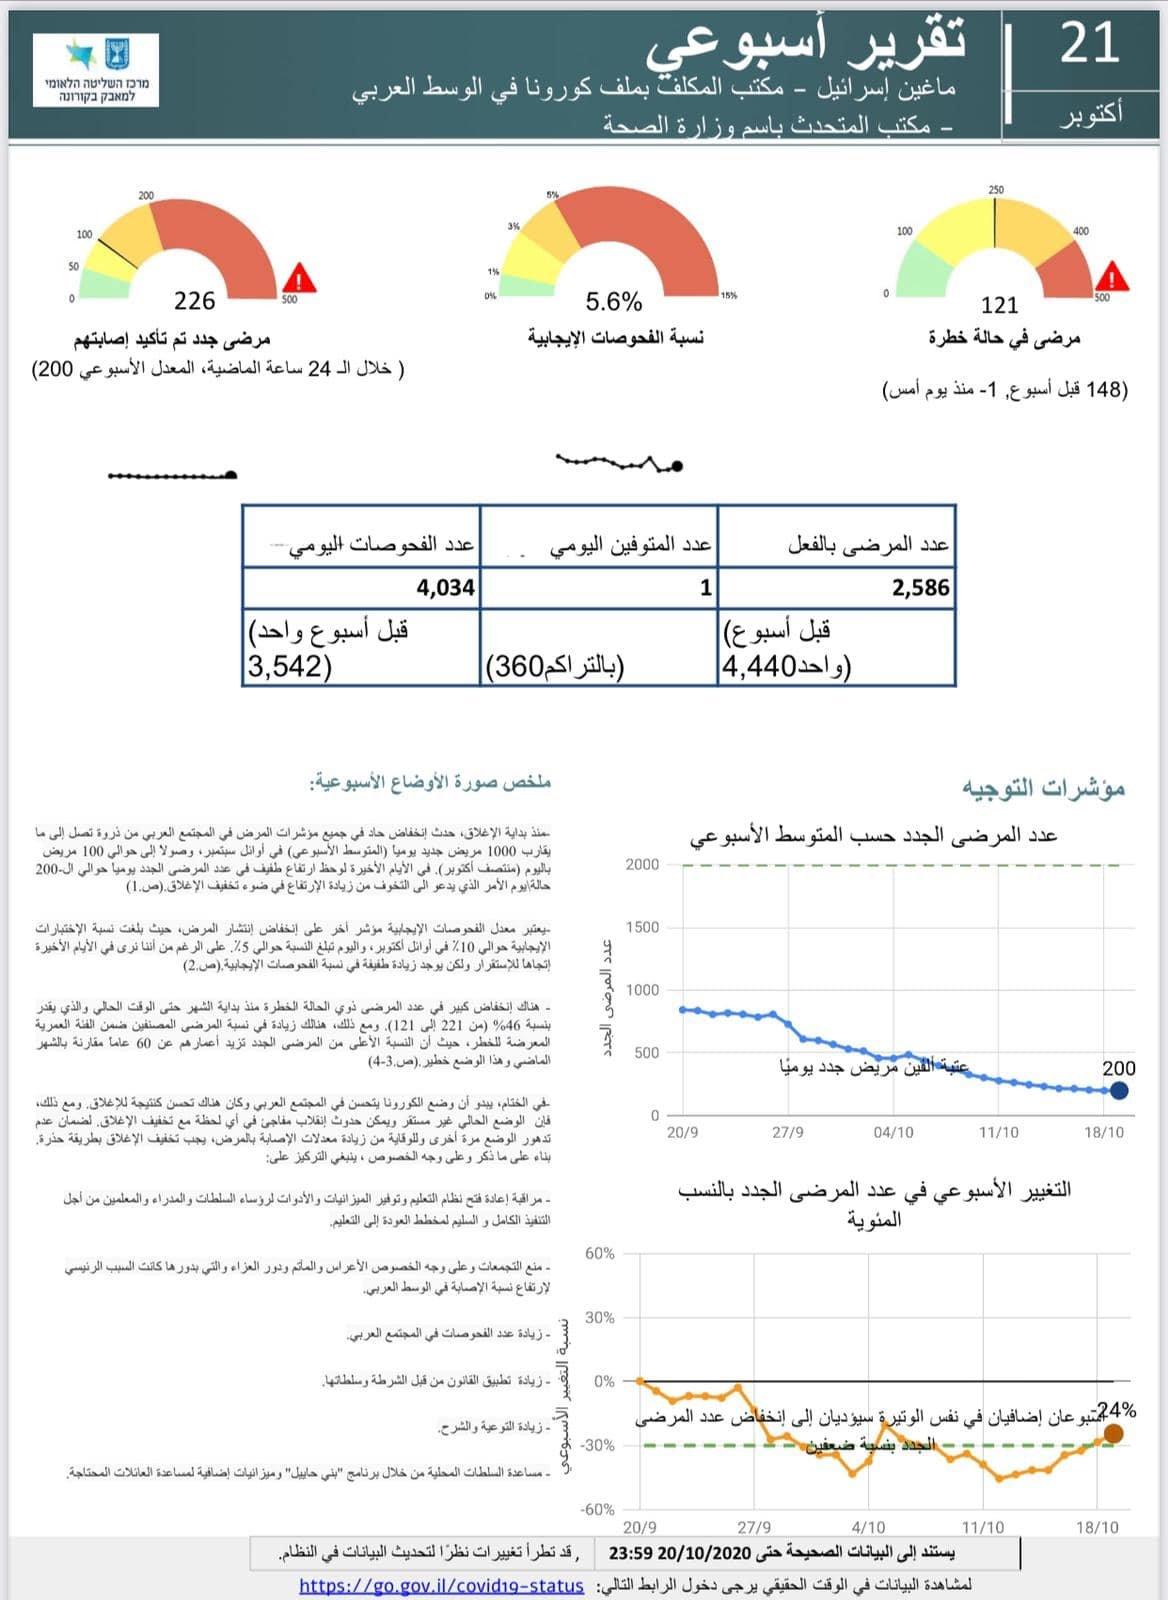 عدد الإصابات مستمر بالانخفاض، أيمن سيف يحذّّر وإليكم حالة الكورونا بمستشفات الناصرة